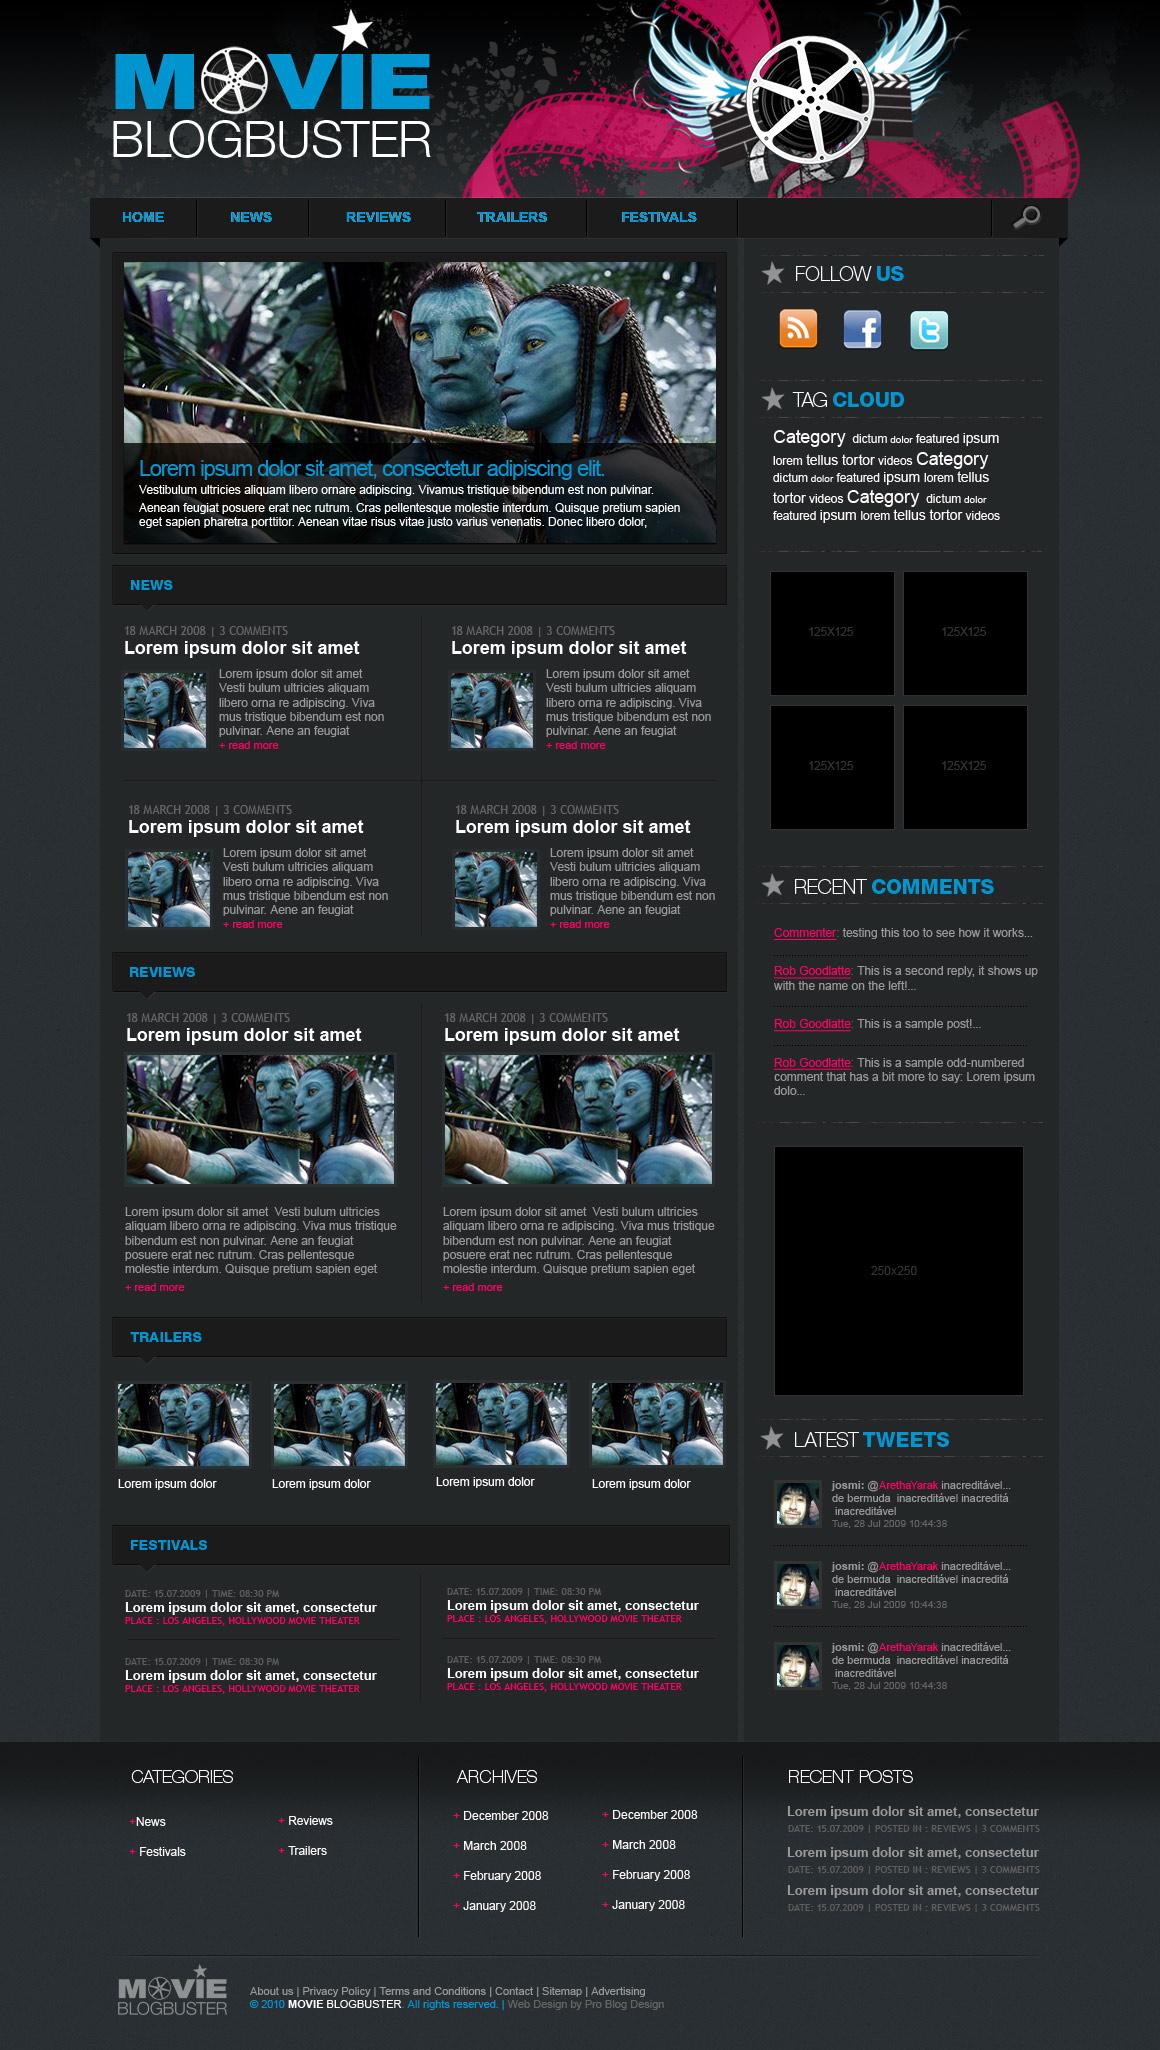 Movie Blog Buster | Pro Blog Design